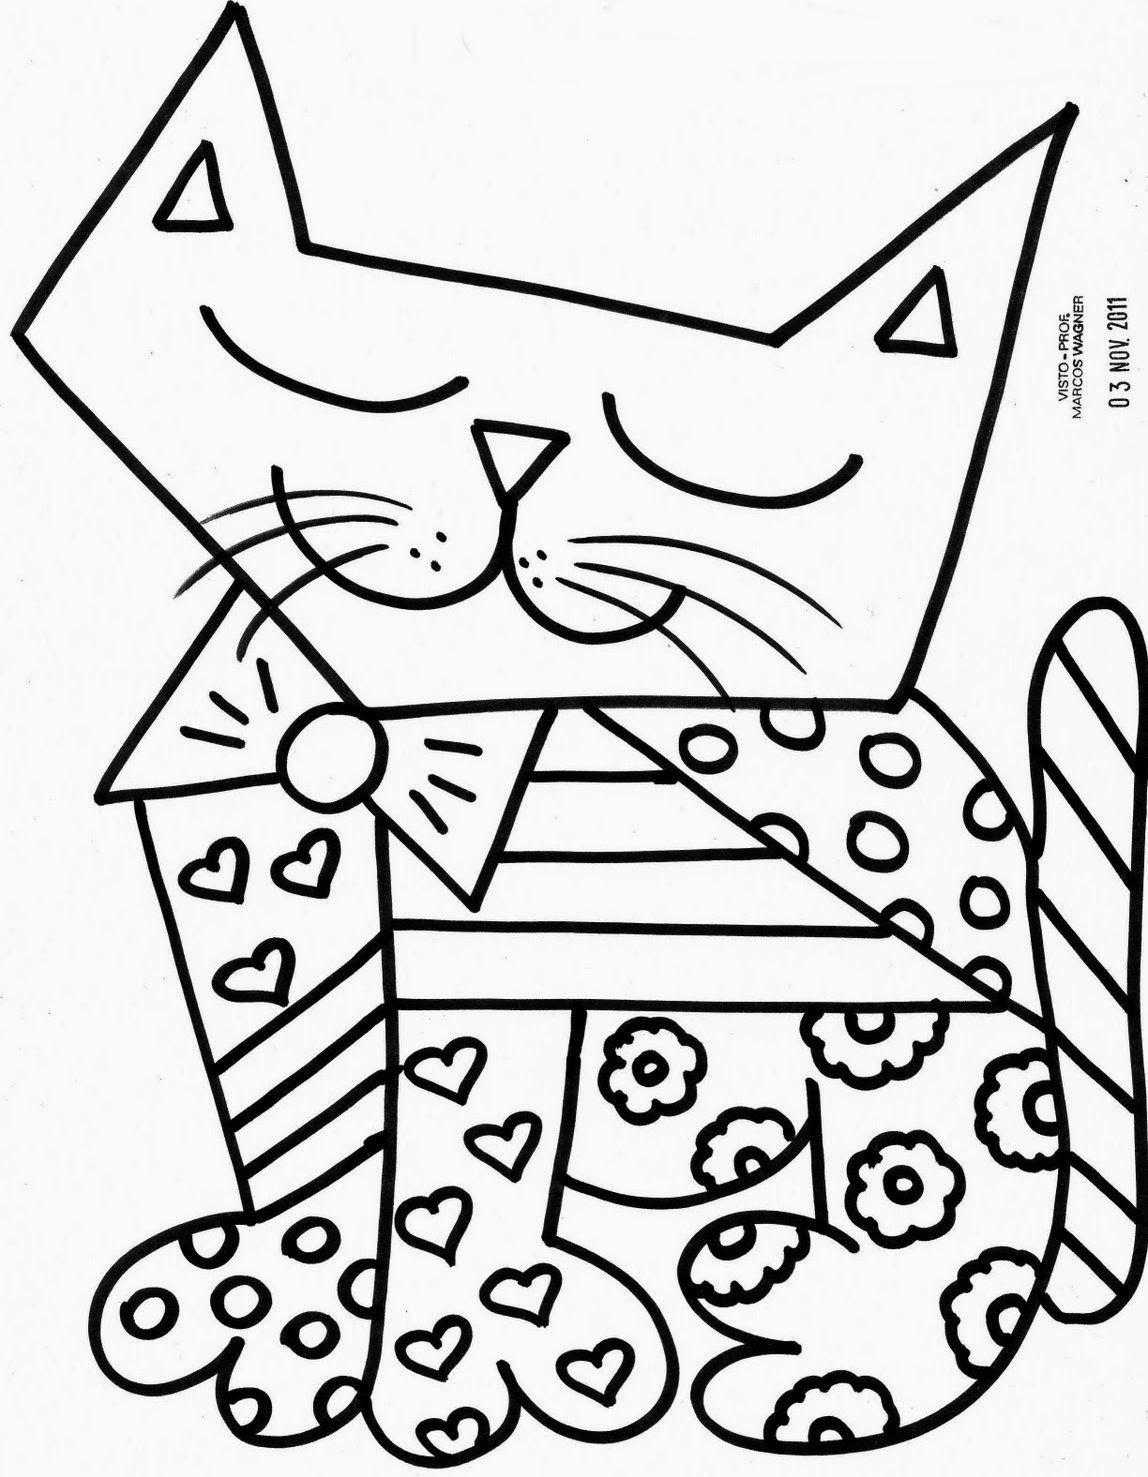 Desenhos Para Colorir E Imprimir Desenhos De Romero Brito Para Colorir Desenhos Do Romero Britto Obras De Romero Britto Romero Brito